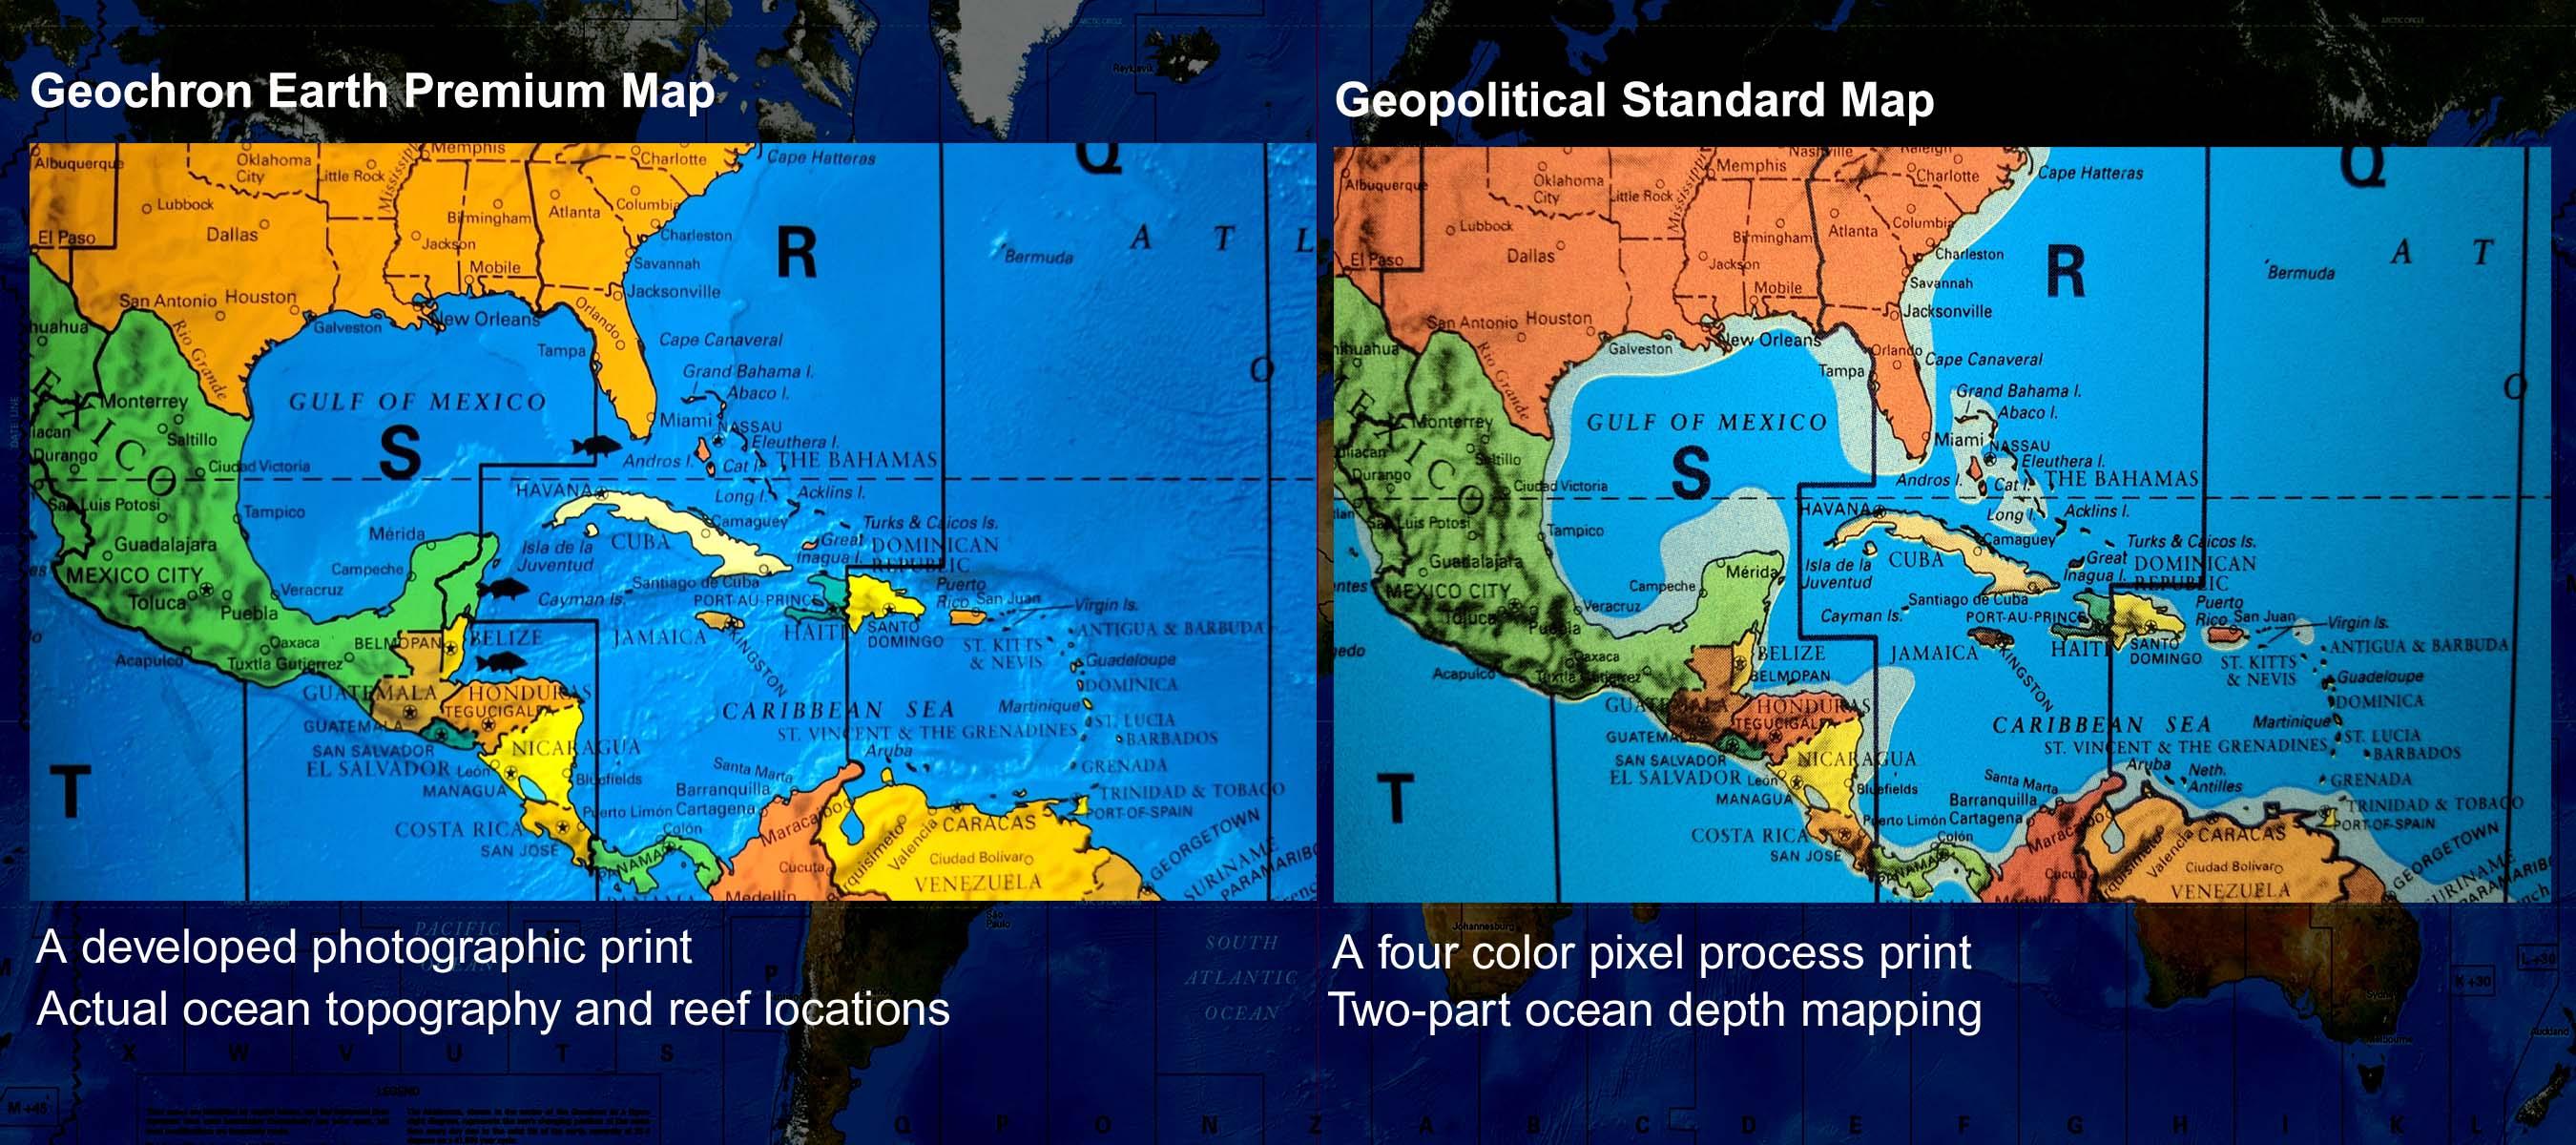 Geochron Earth Limited Edition Of Geochron - Map showing ocean depths